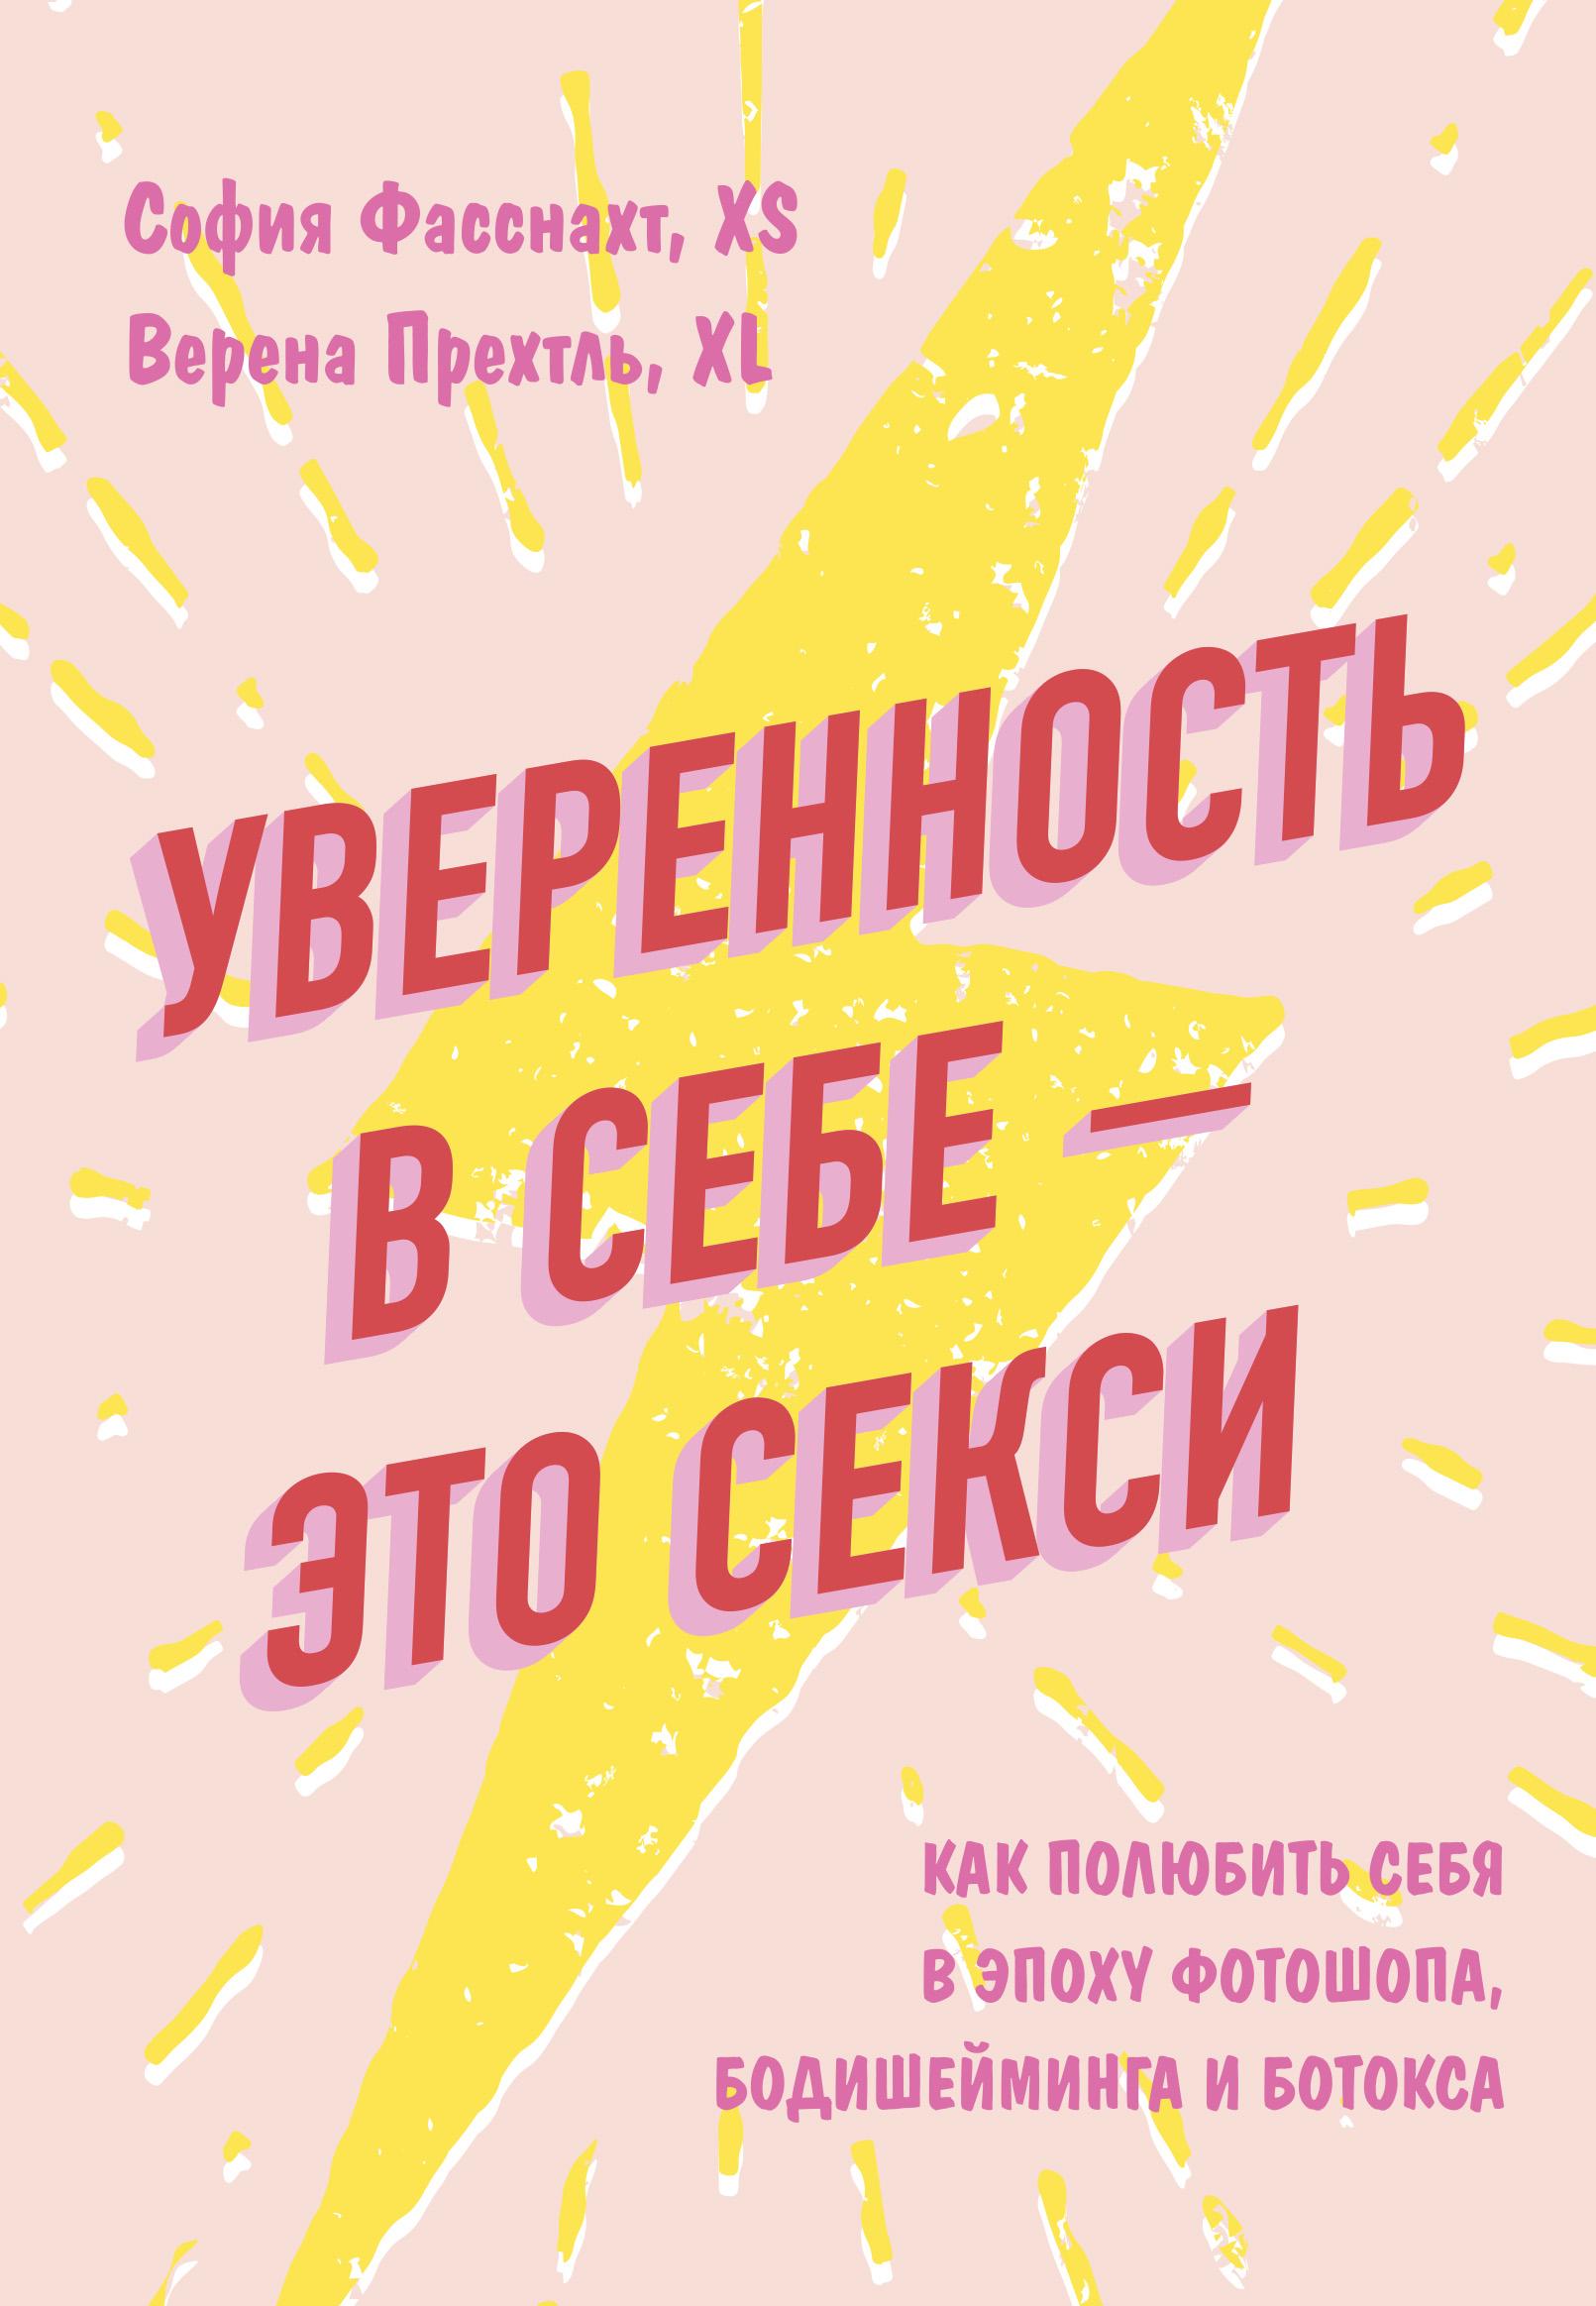 Купить книгу Уверенность в себе – это секси: как полюбить себя в эпоху фотошопа, бодишейминга и ботокса, автора Софии Фасснахт